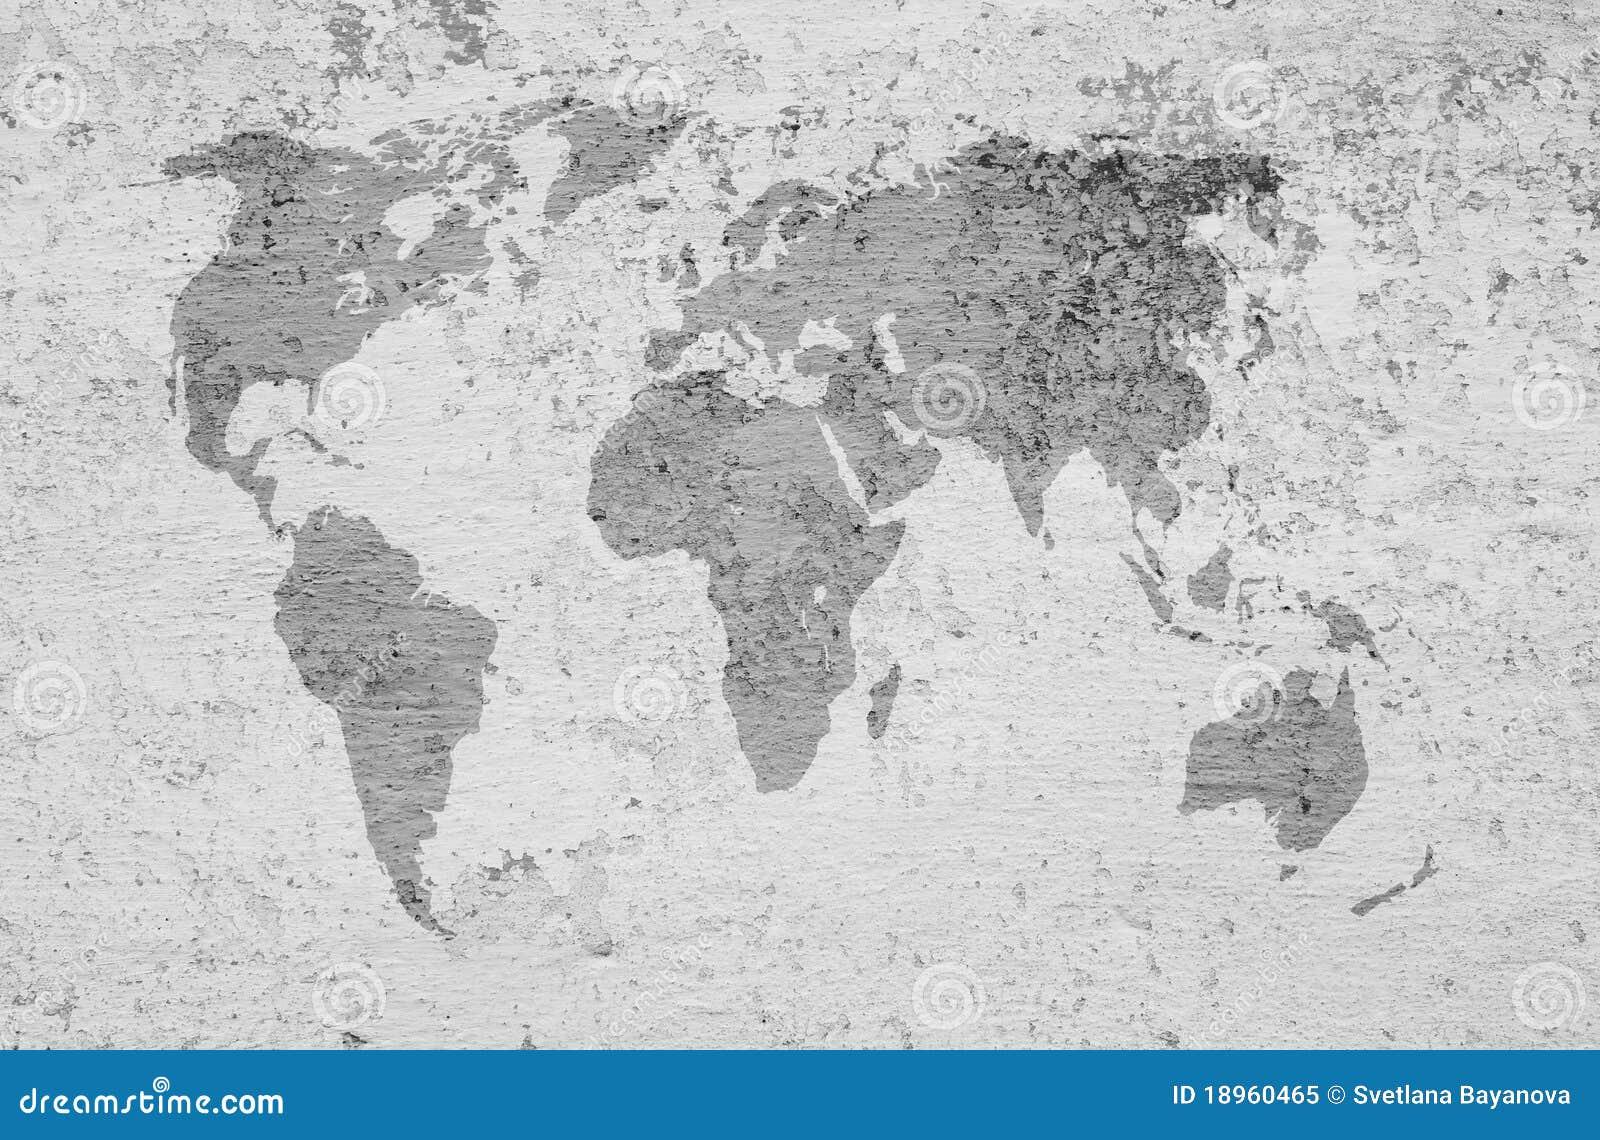 Ein Bild Einer Weltkarte Auf Einem Strukturierten Hintergrund ...